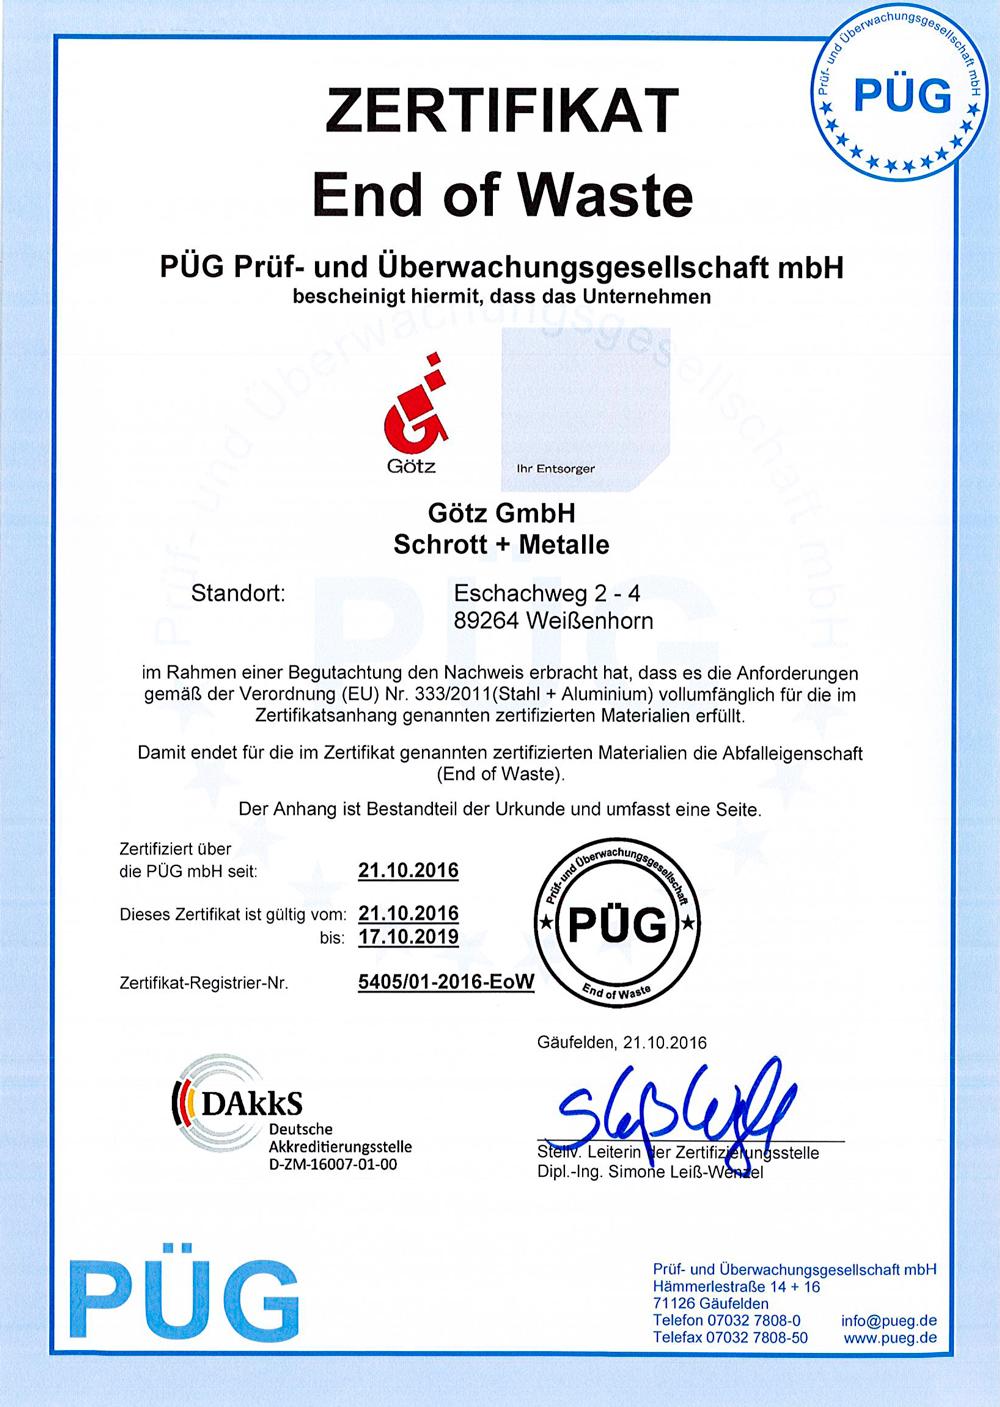 End of Waste - Zertifikat der Götz GmbH in Neu-Ulm